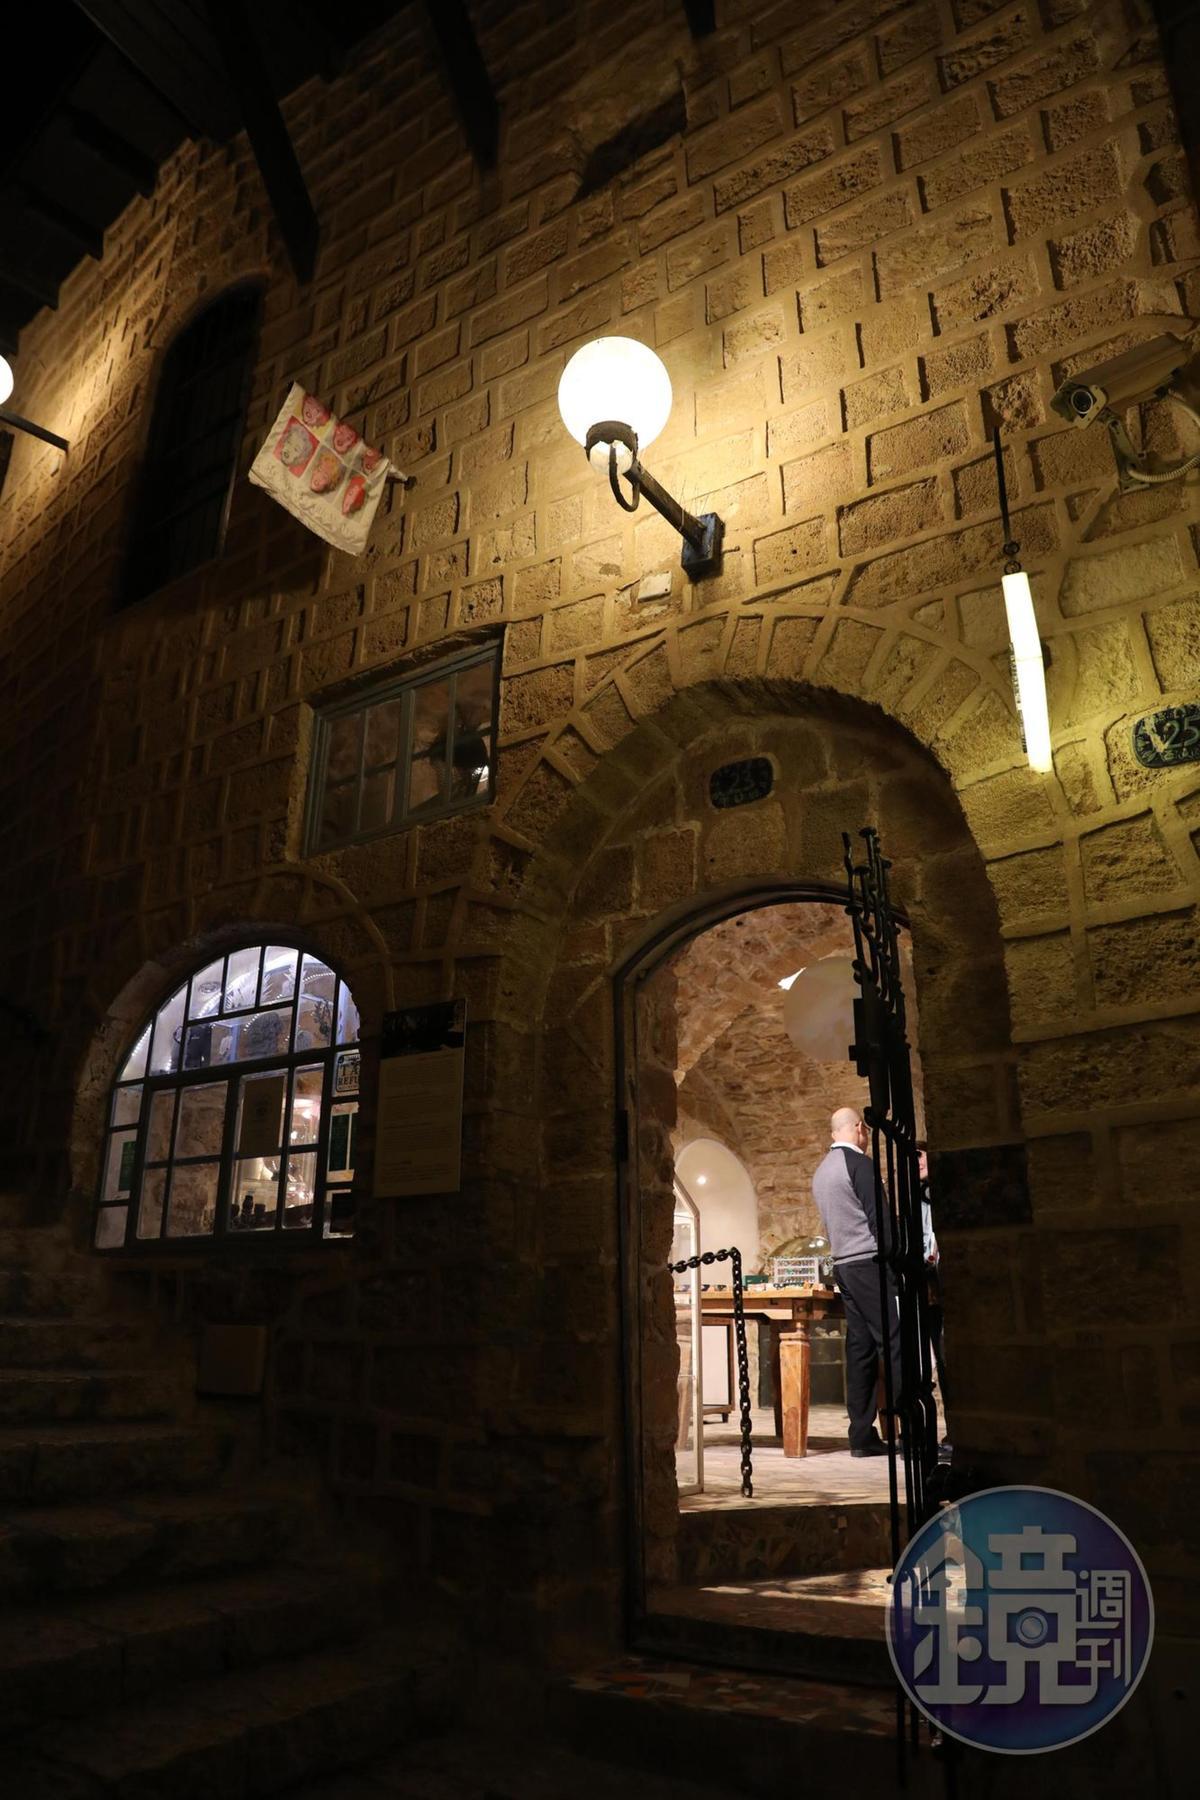 開在石洞裡的首飾店,是雅法老城特有的景觀。